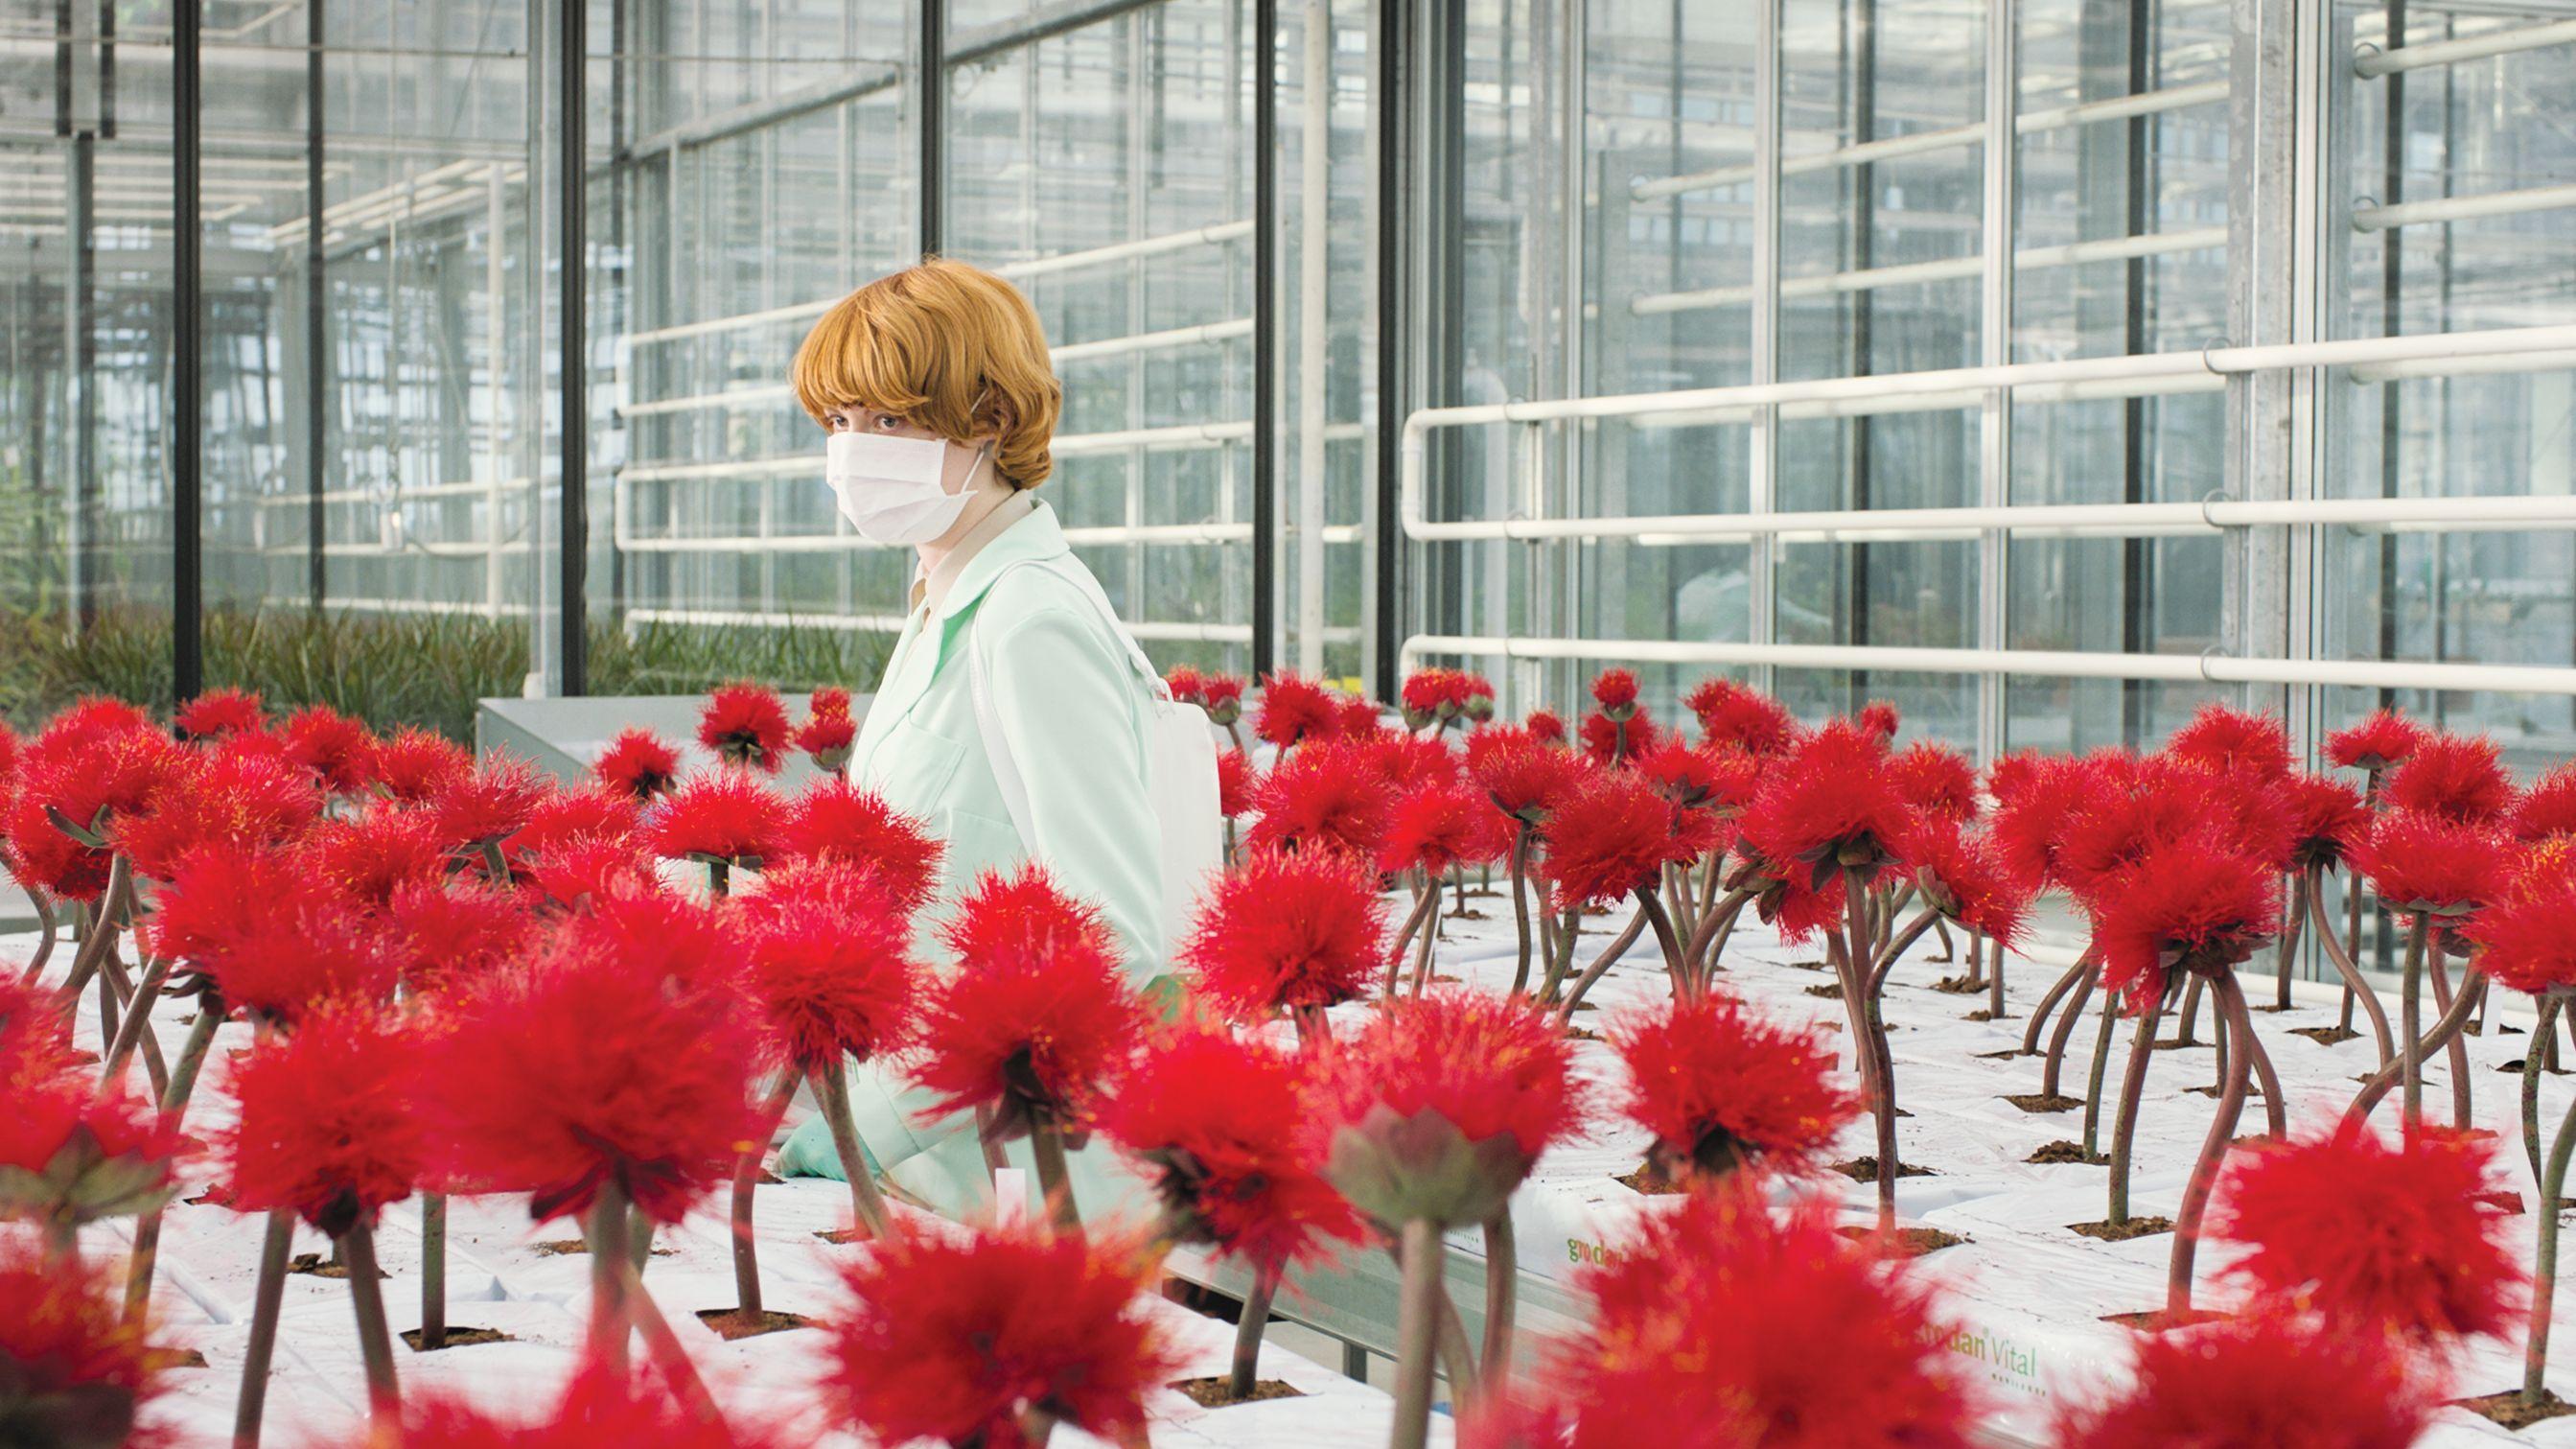 Rothaarige Wissenschaftlerin im Gewächshaus inmitten von  klatschmohnfarbenen Pflanzen.